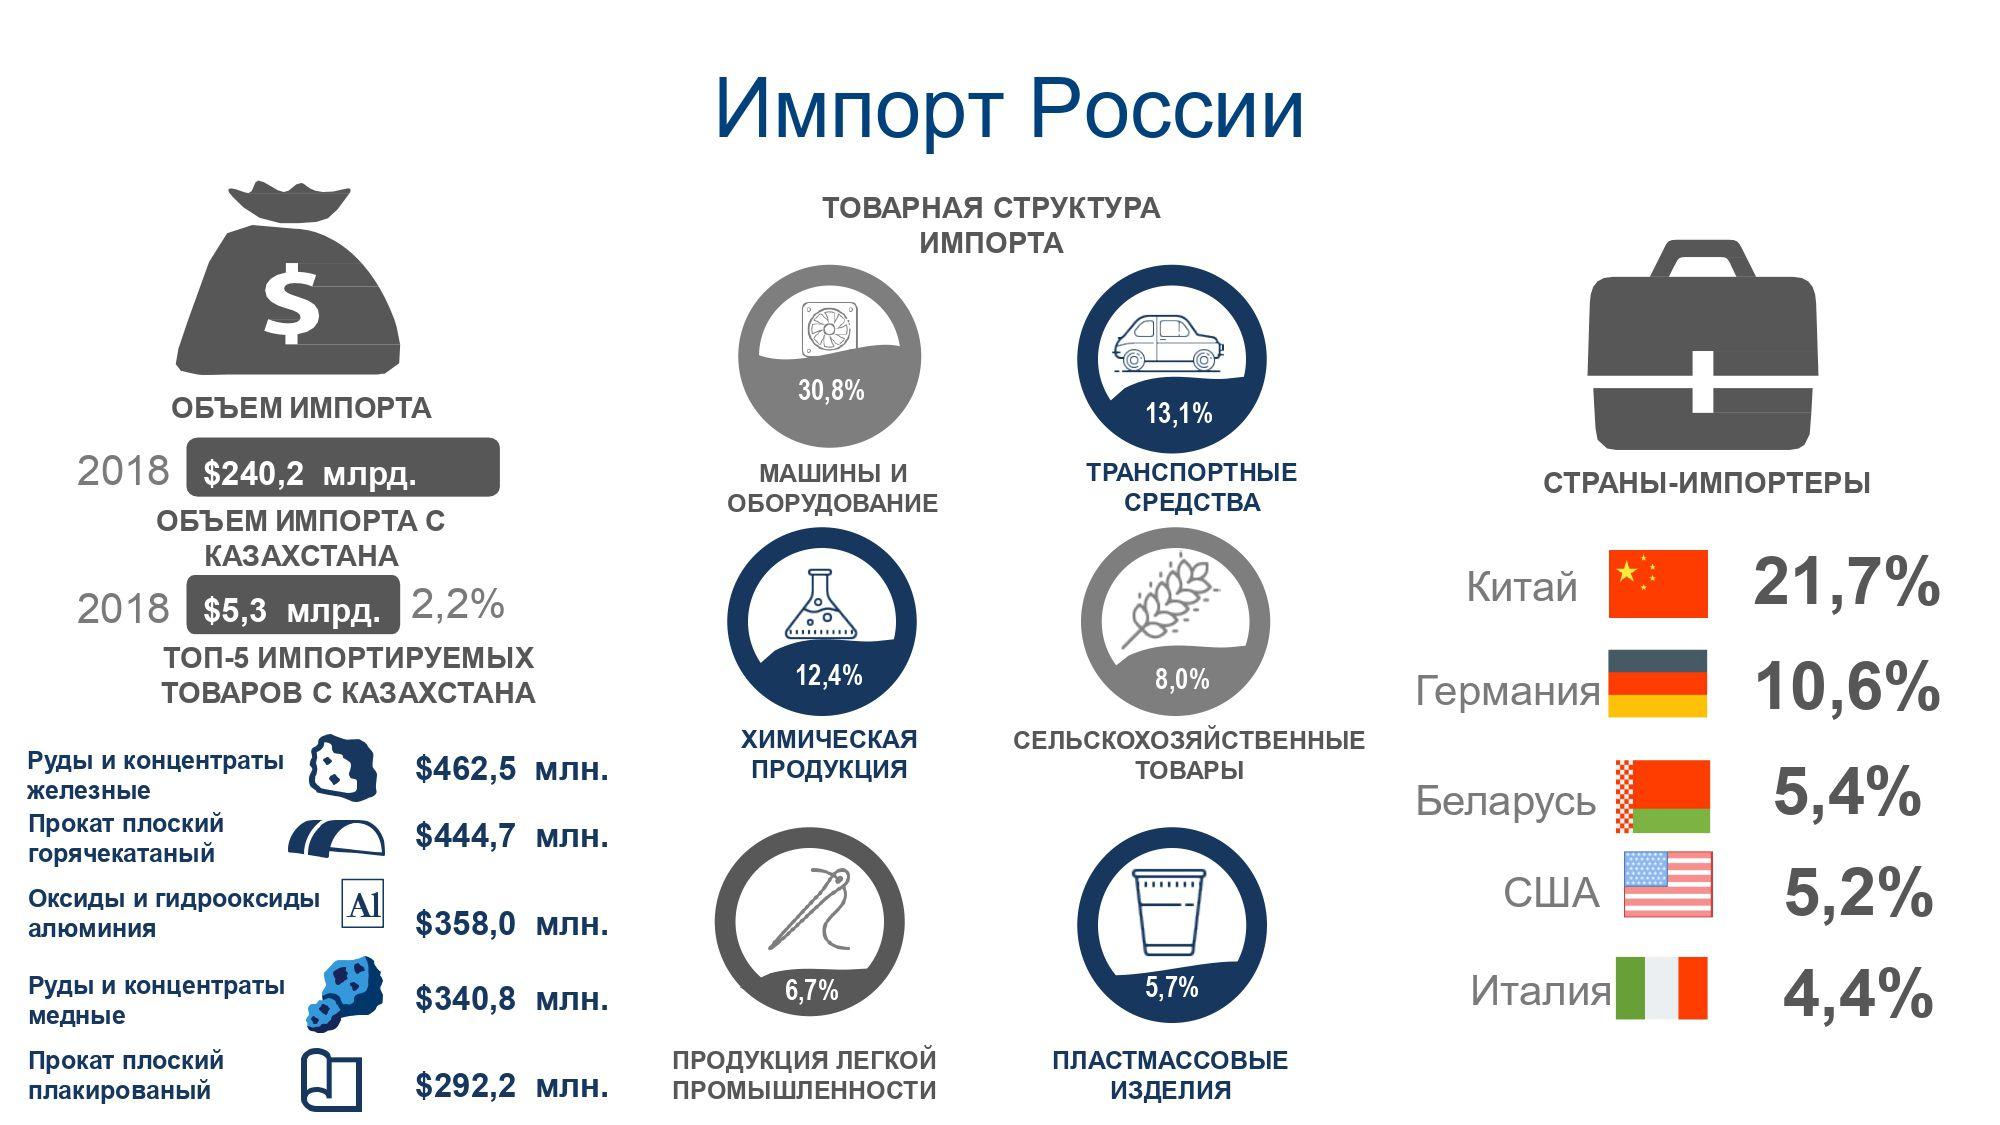 Остались ли в Алматы пустующие ниши для бизнеса? 173120 - Kapital.kz